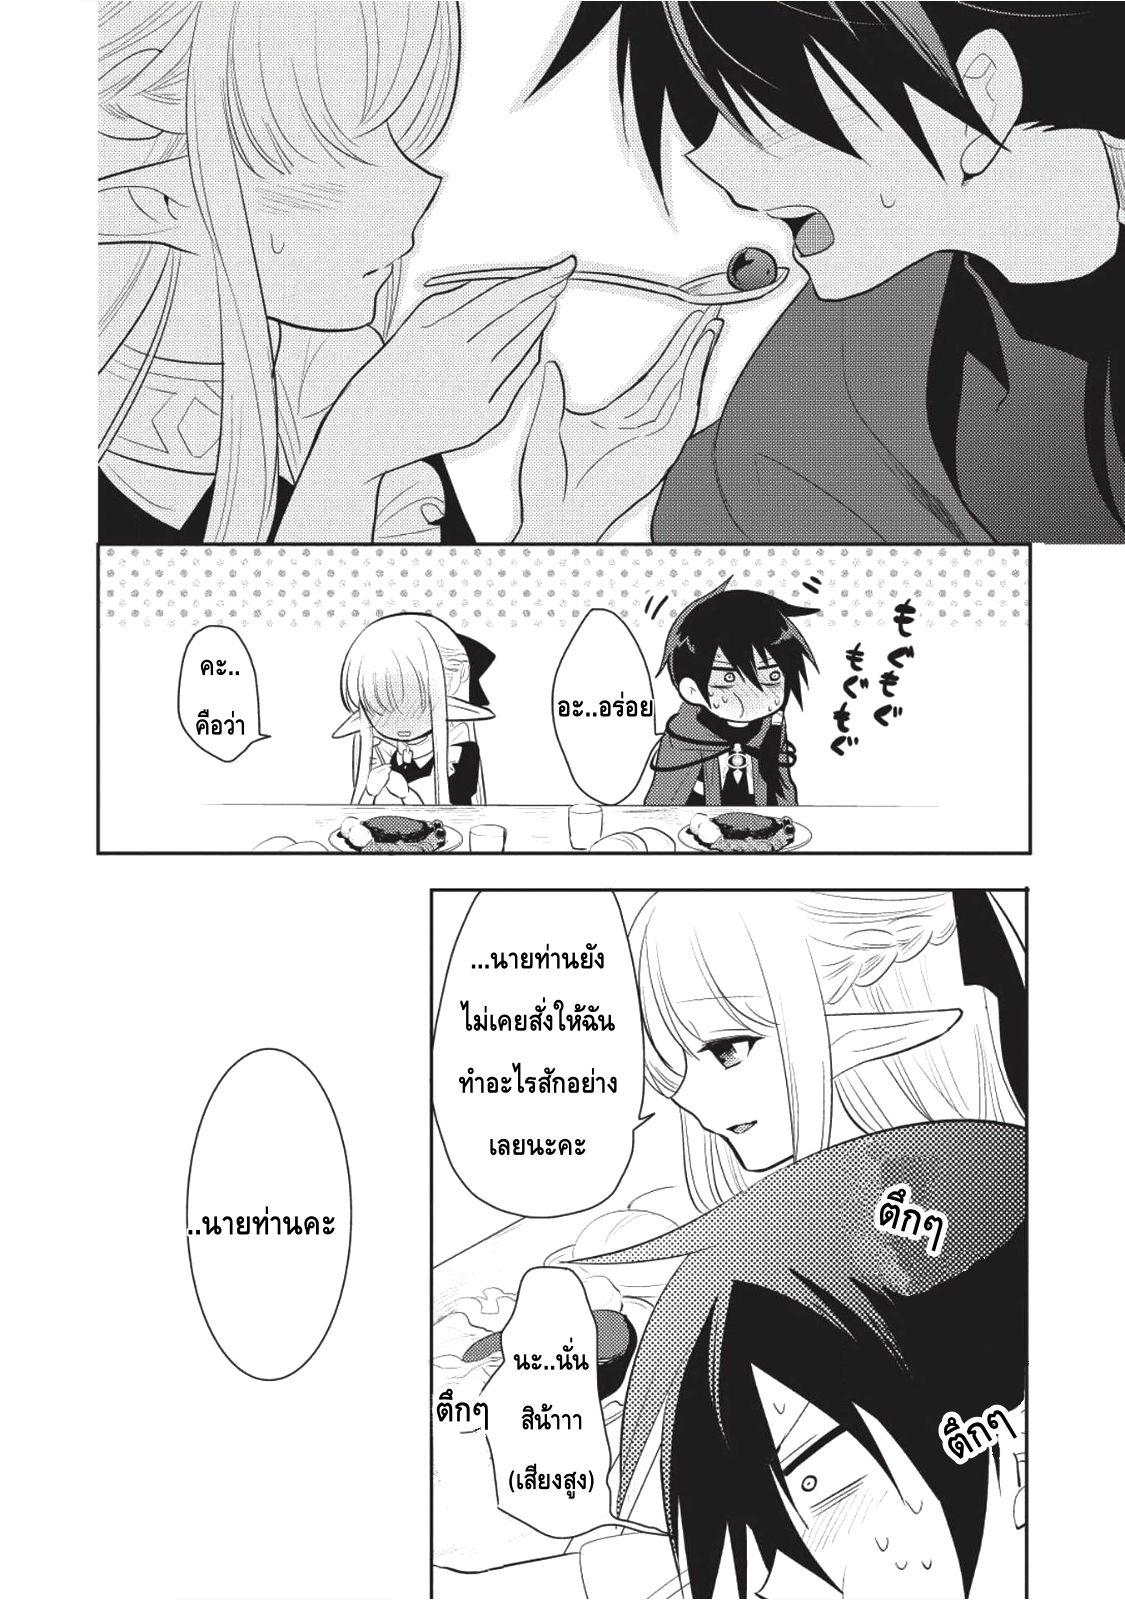 อ่านการ์ตูน Maou no Ore ga Dorei Elf wo Yome ni Shitanda ga Dou Medereba Ii ตอนที่ 4 หน้าที่ 28